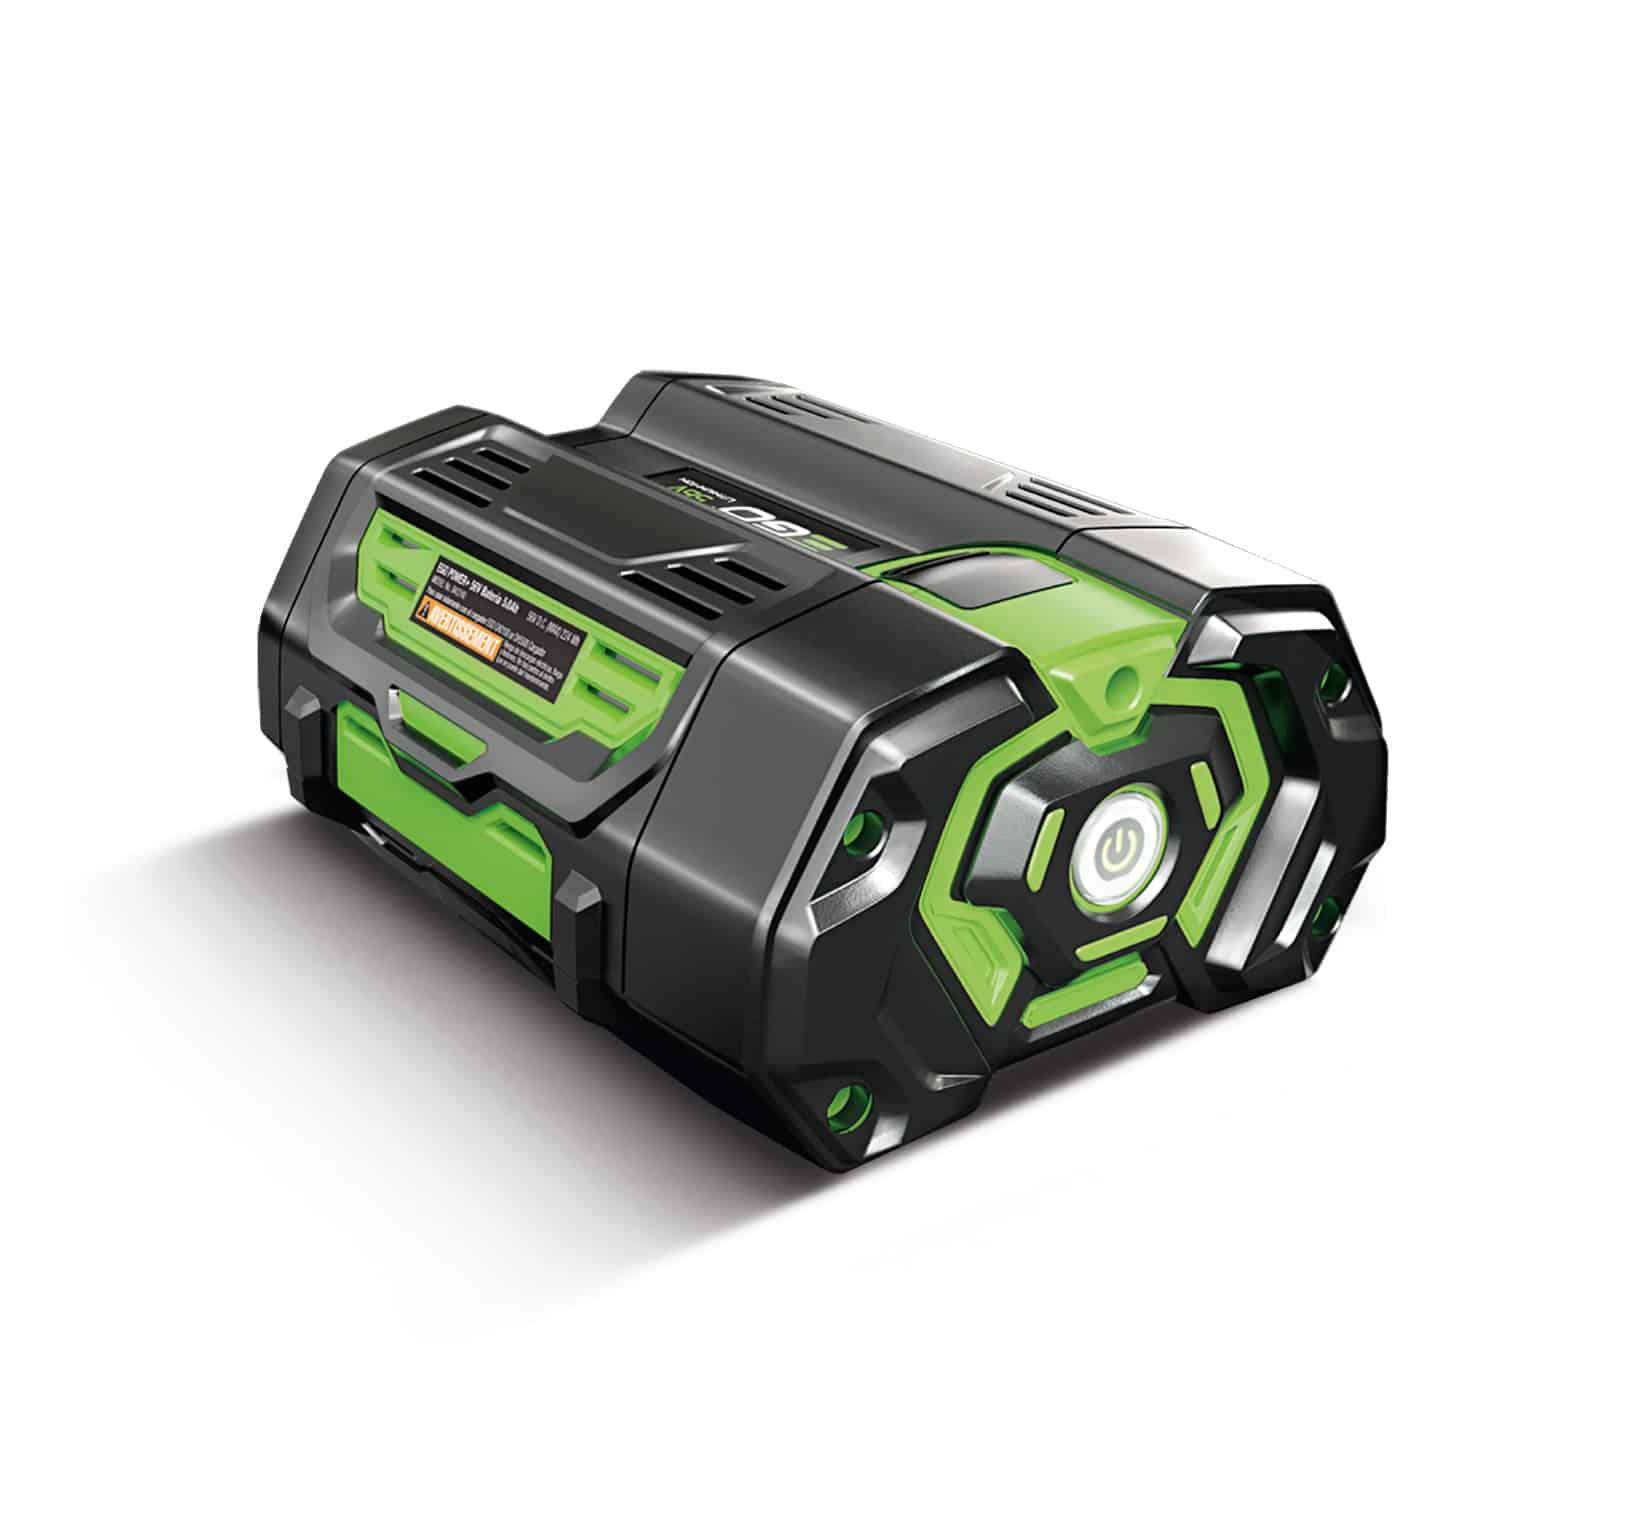 EGO EGBA2800E 5.0AH Battery